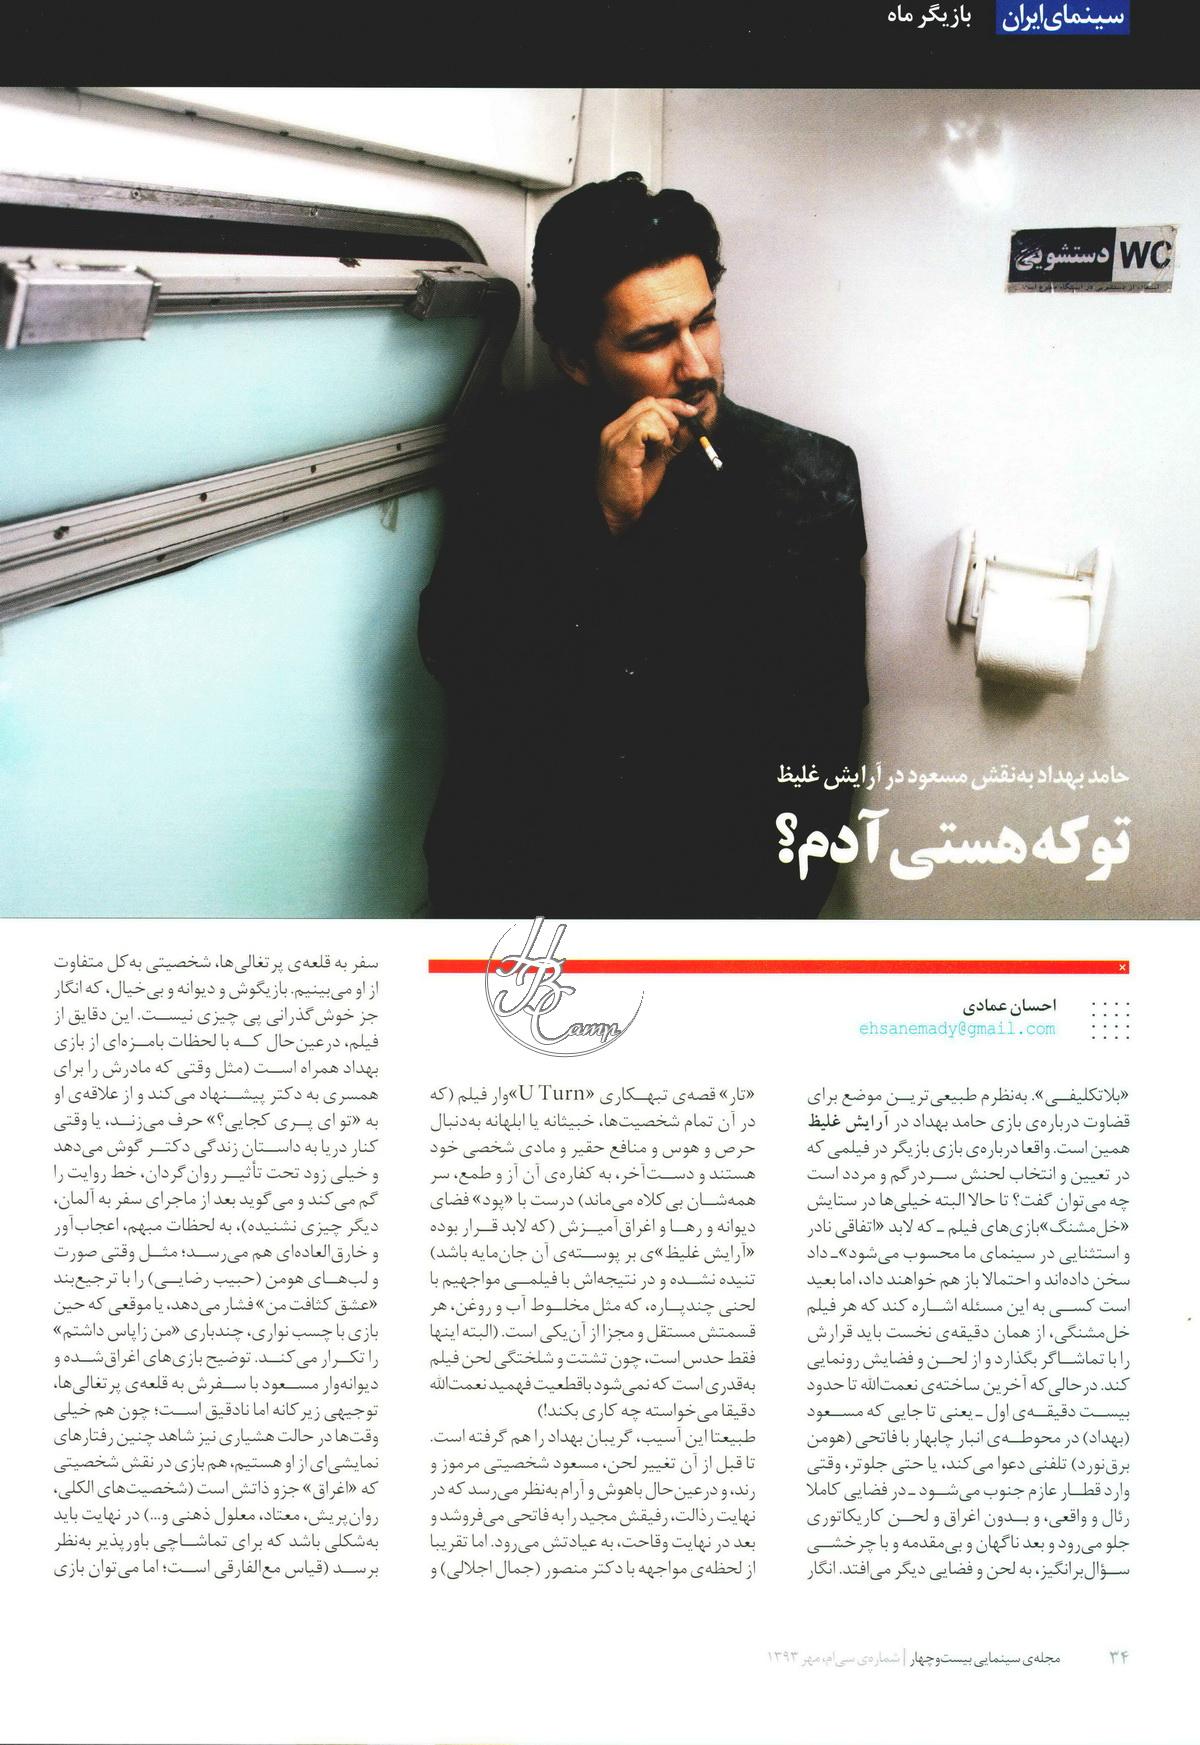 http://yotab.persiangig.com/magazin/24mag-56/n07.jpg